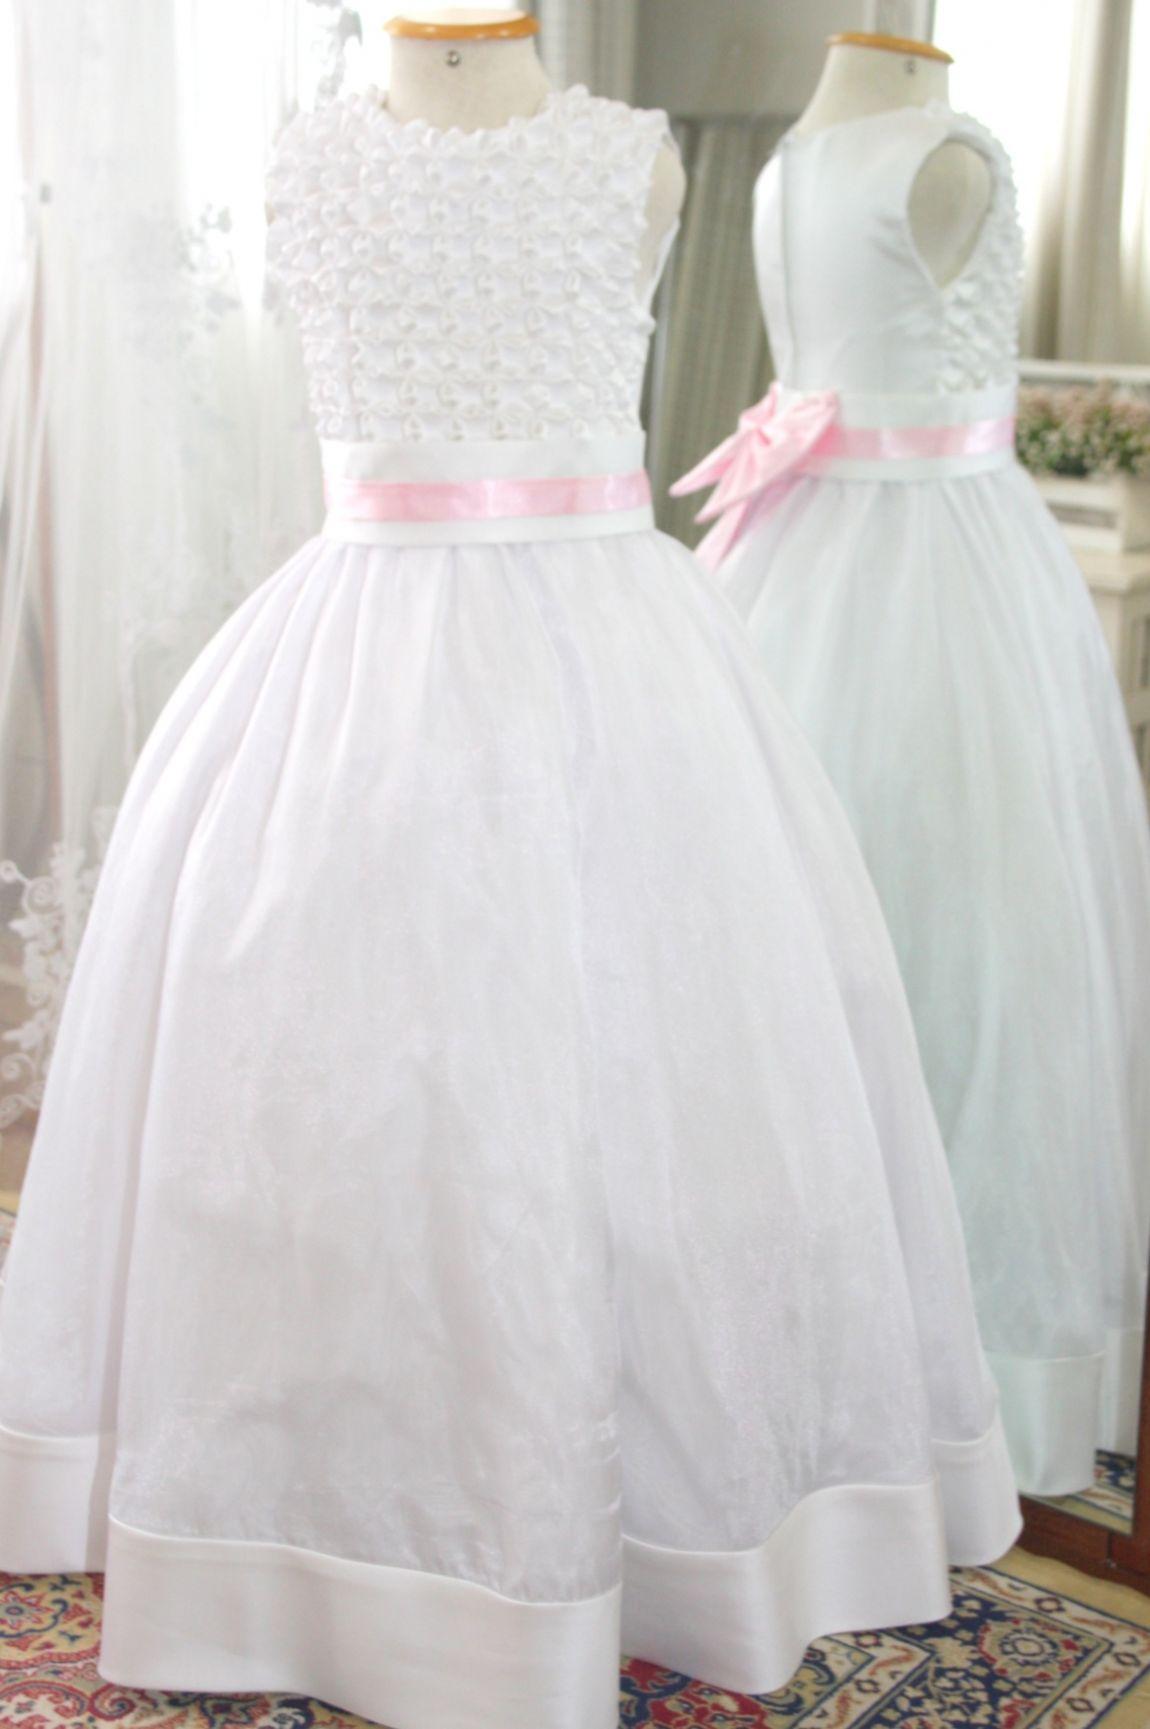 Vestidos para Daminha - 136 - Hipnose Alta Costura e Spa para Noivas e Noivos - Campinas - SP Vestido de Daminha, Vestido para Daminha de Casamento, Hipnose Alta Costura